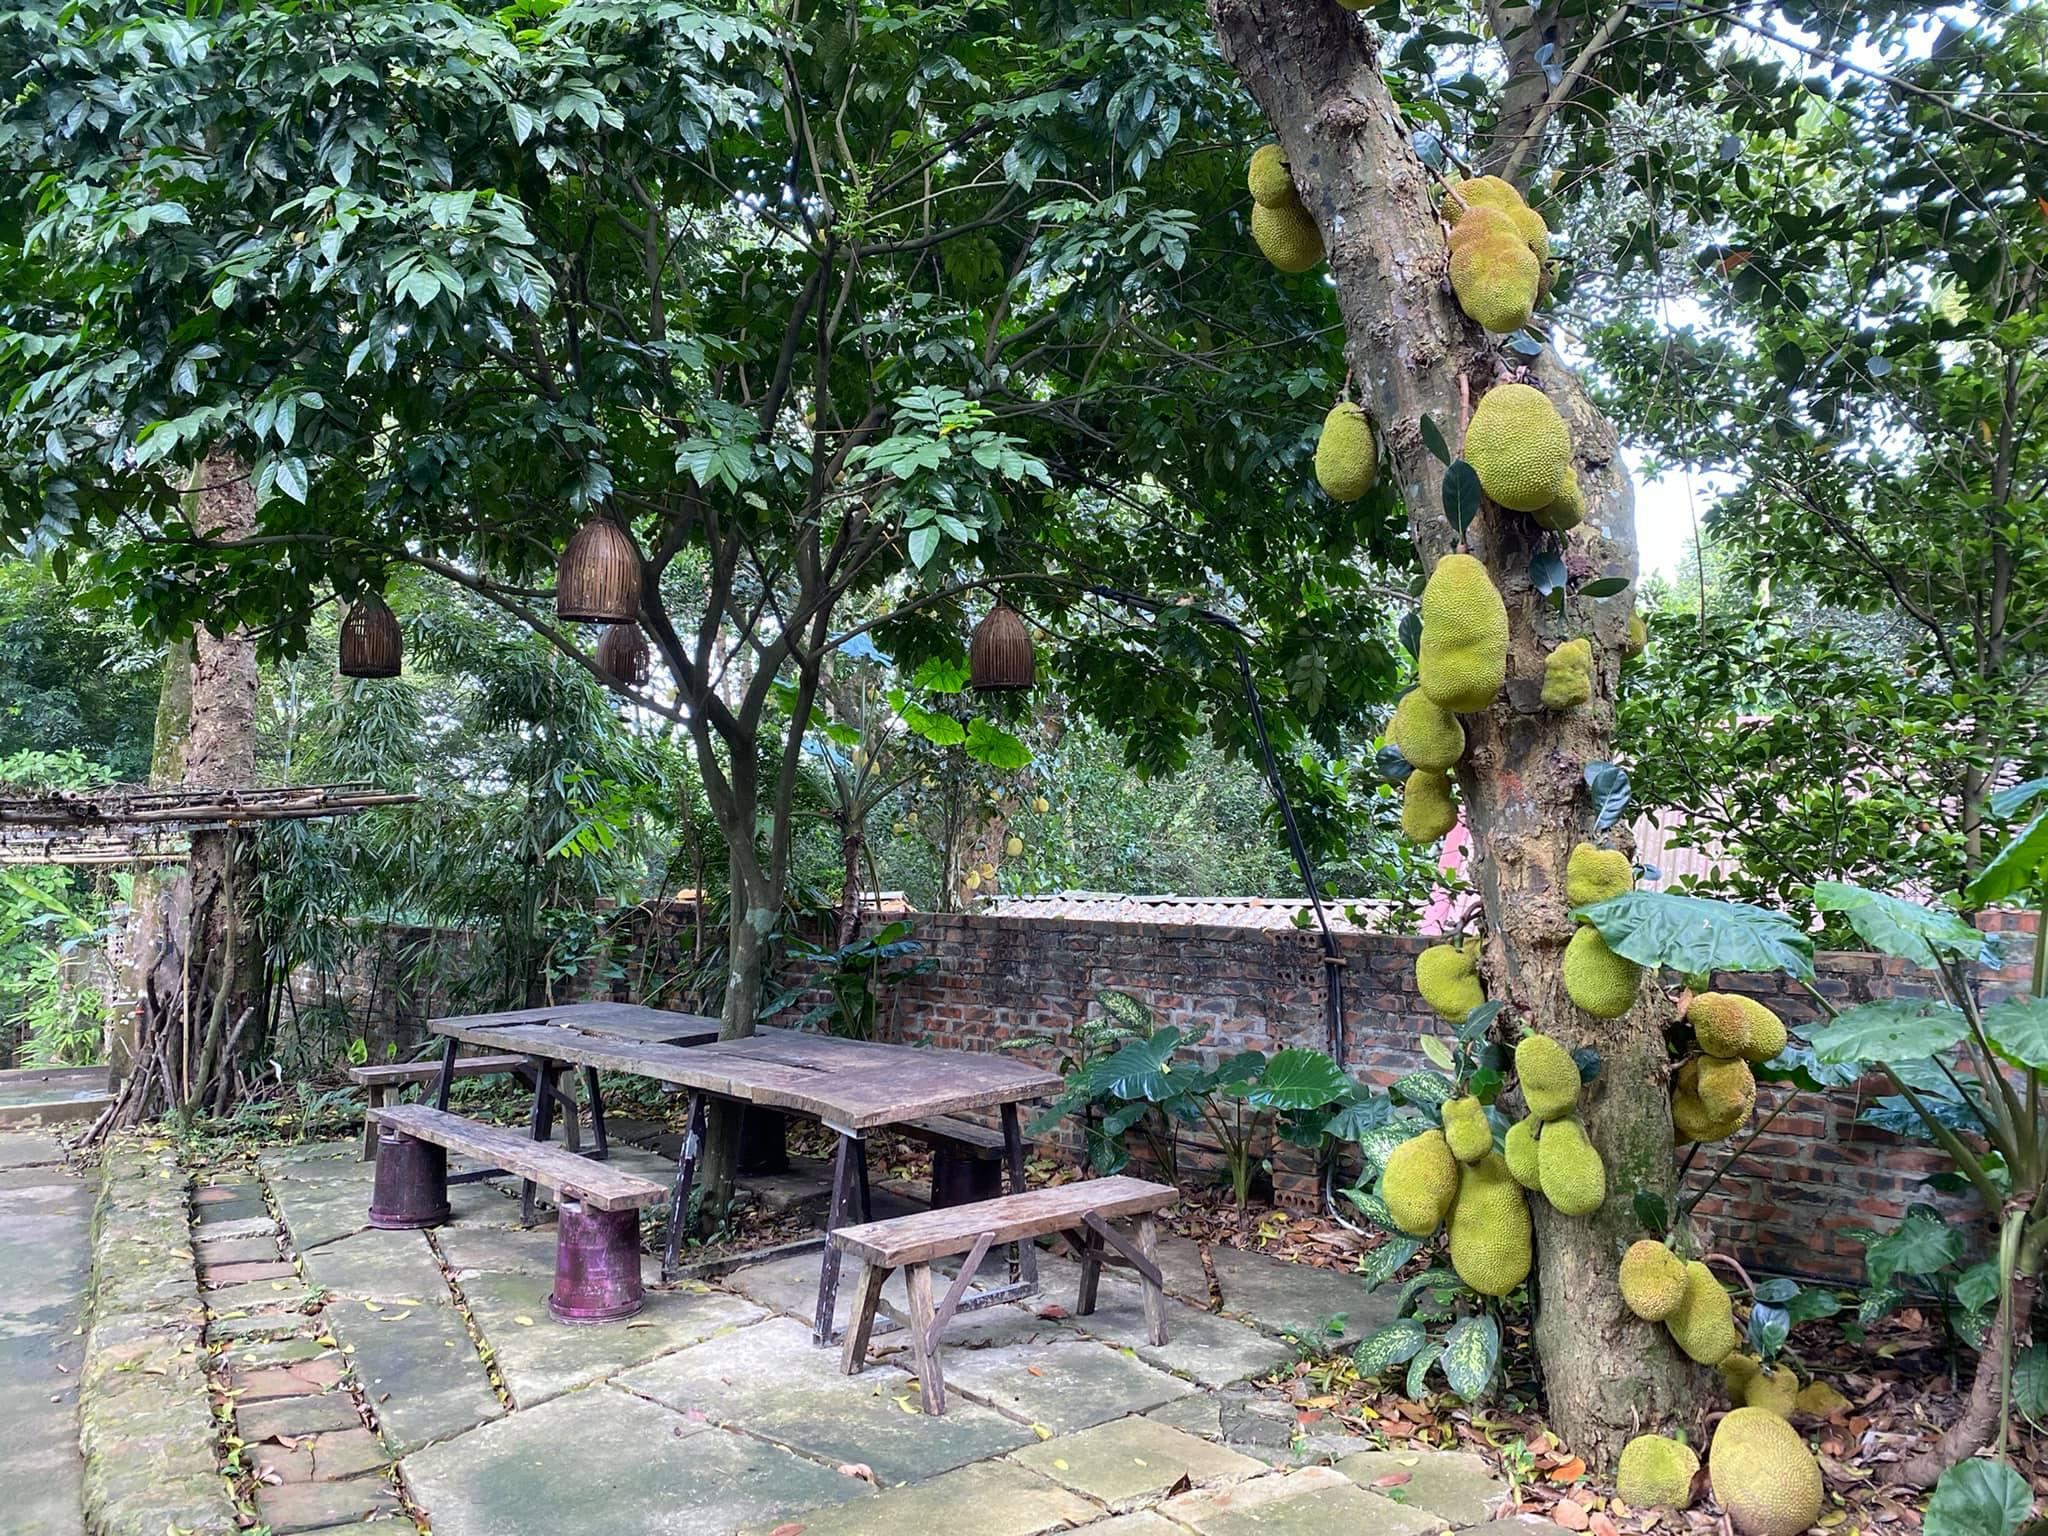 Mê mẩn với căn nhà second-home đẹp đến phát thèm tại ngoại ô Hà Nội, lộ bí quyết nhà đẹp quanh năm chỉ với 0 đồng của bà chủ nhà - Ảnh 23.